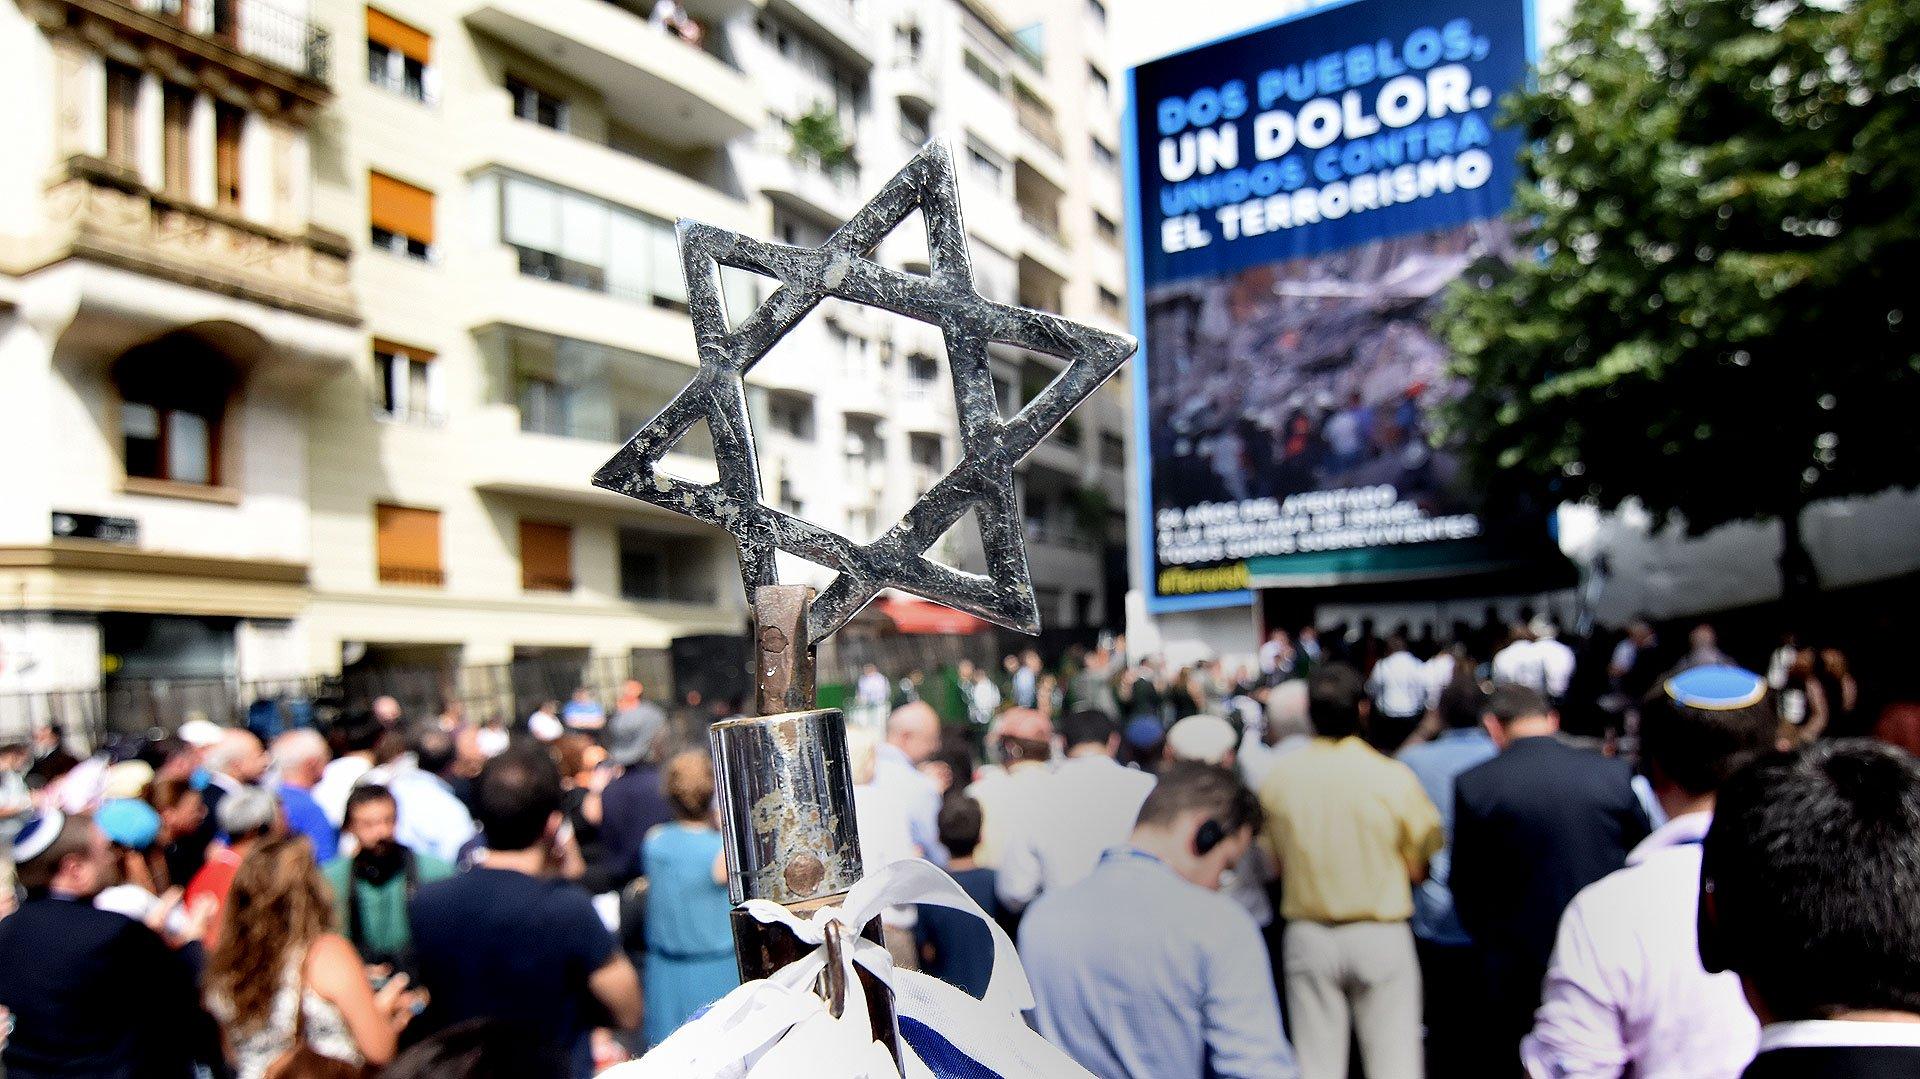 Bajo la consigna Dos pueblos un dolor, se realizó un acto en la plaza donde estaba ubicado el edificio de la Embajada de Israel